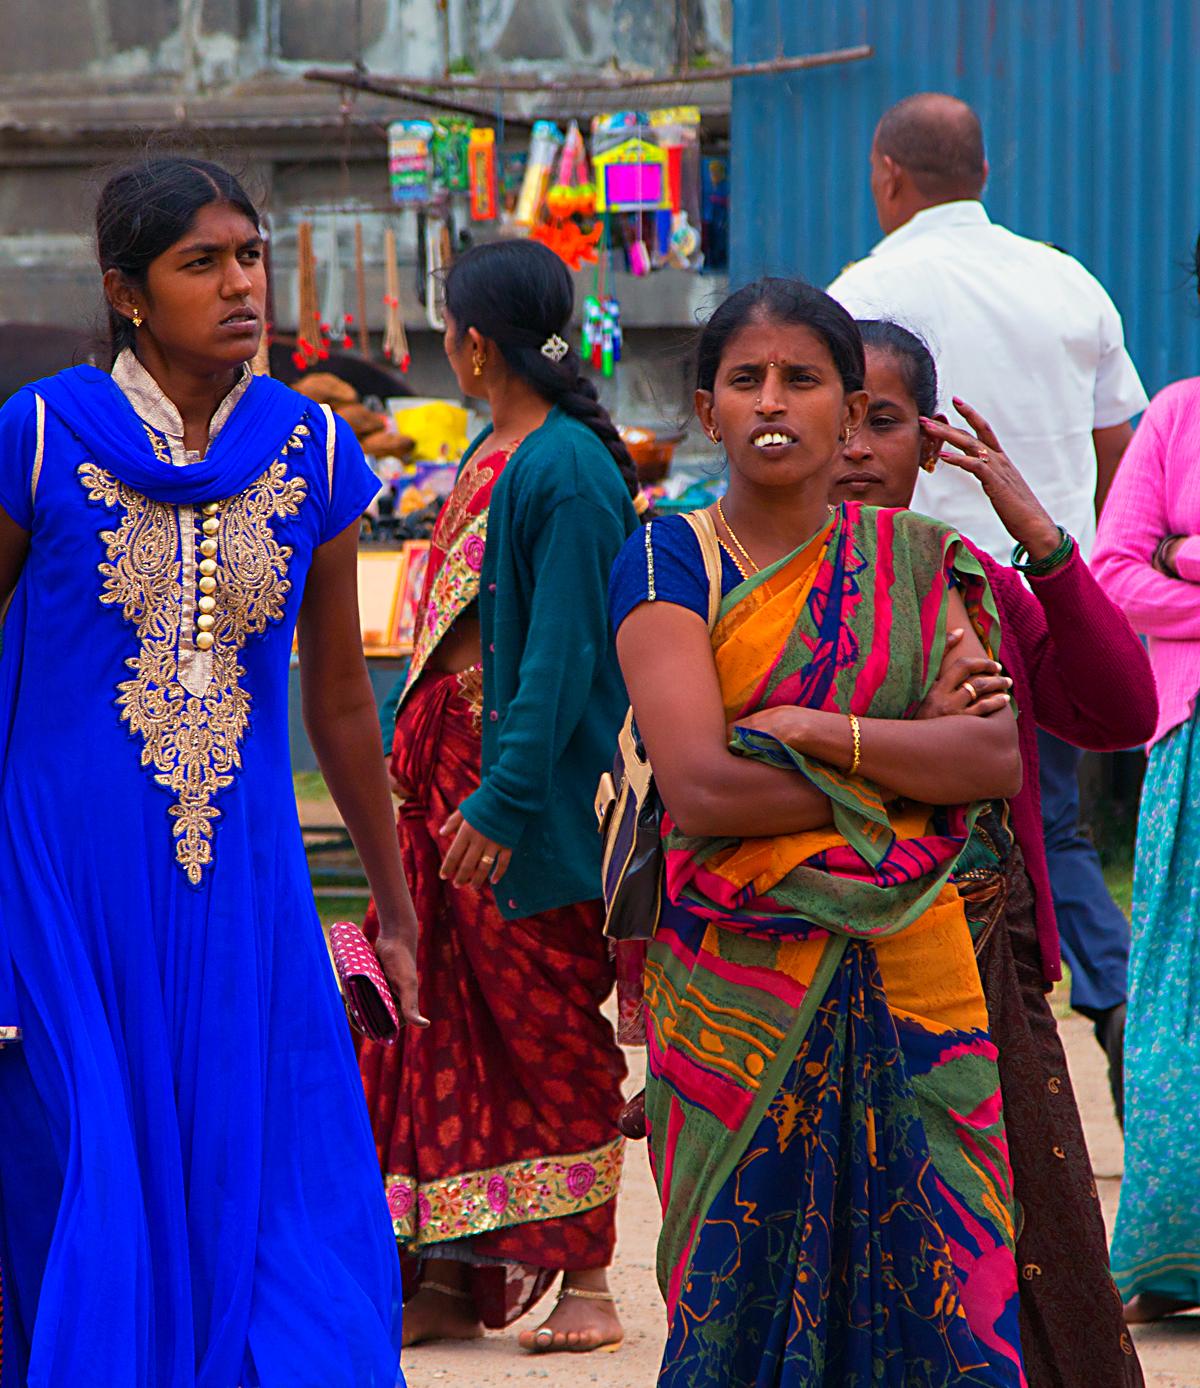 INDIEN Chennai Menschen Tempel FINEST-onTour 7467.jpg